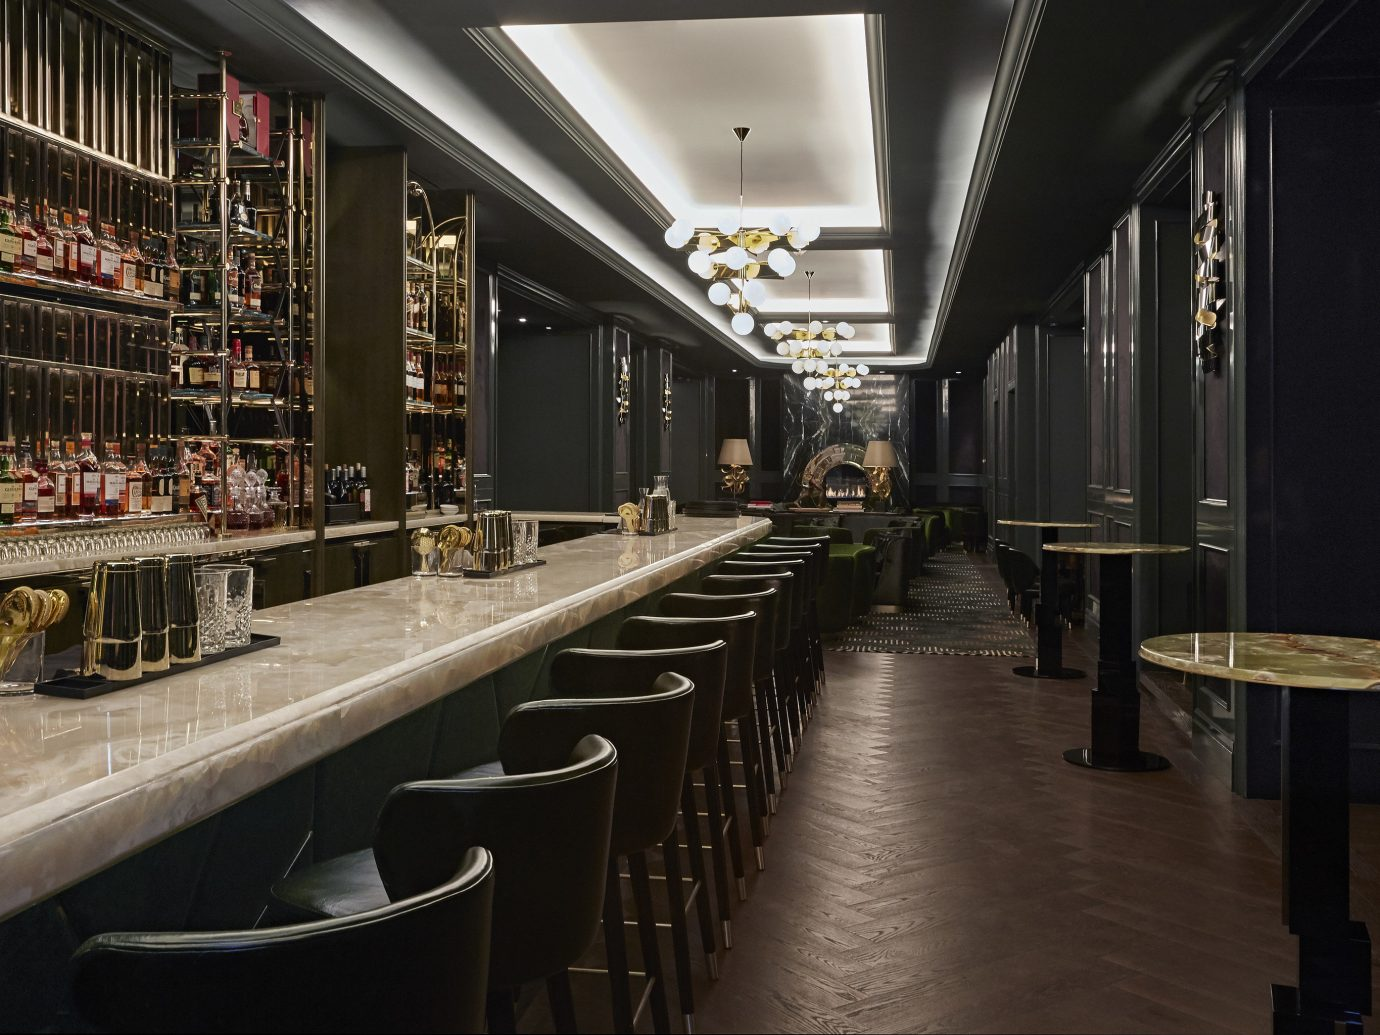 Canada Hotels Toronto indoor floor interior design Bar long platform restaurant lined several